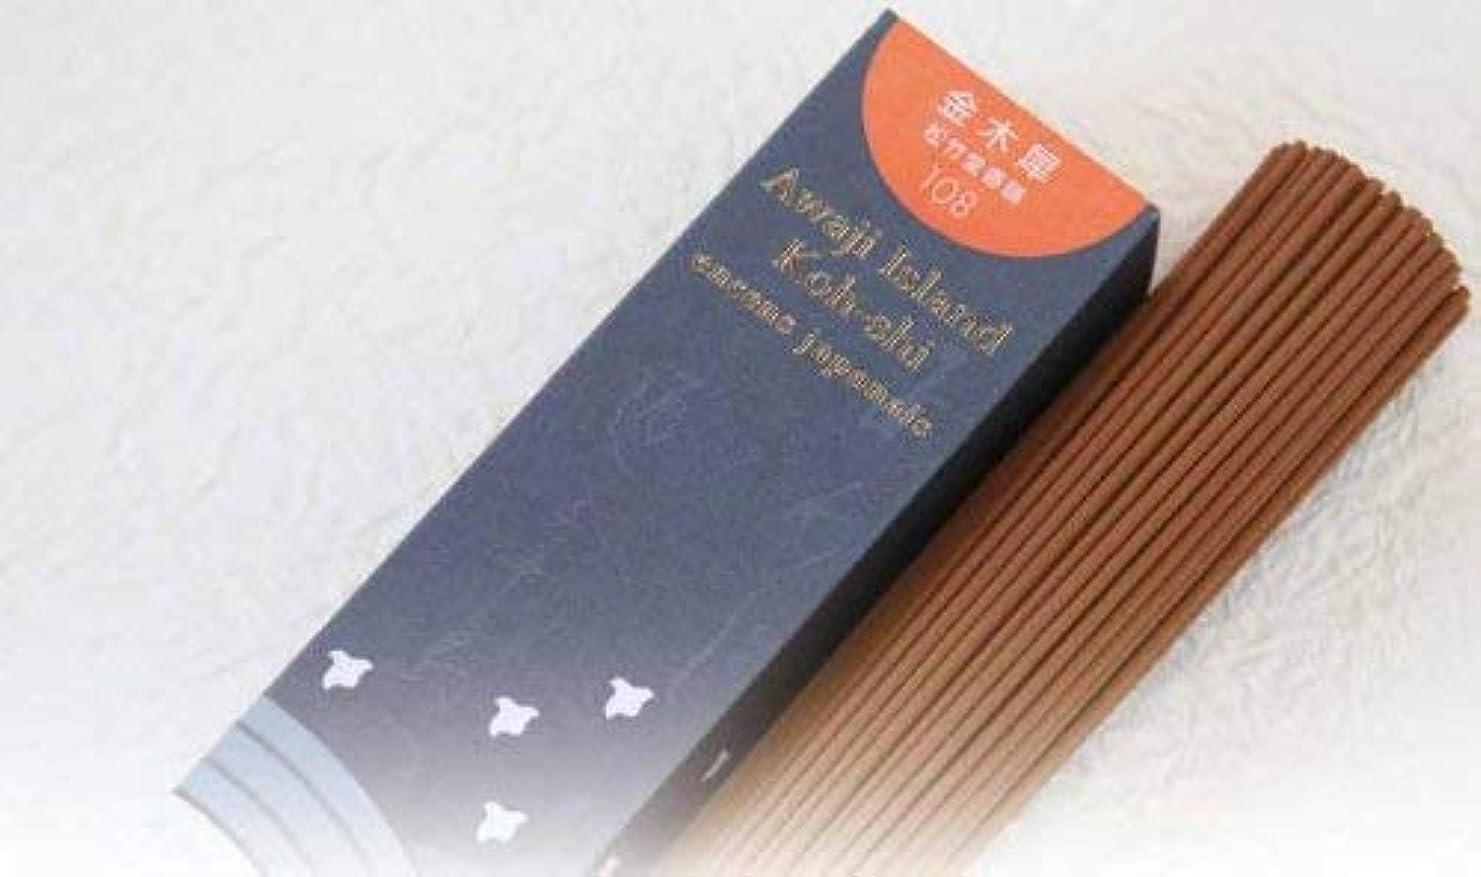 革命暖かさ引き受ける「あわじ島の香司」 日本の香りシリーズ 【108】 ●金木犀●